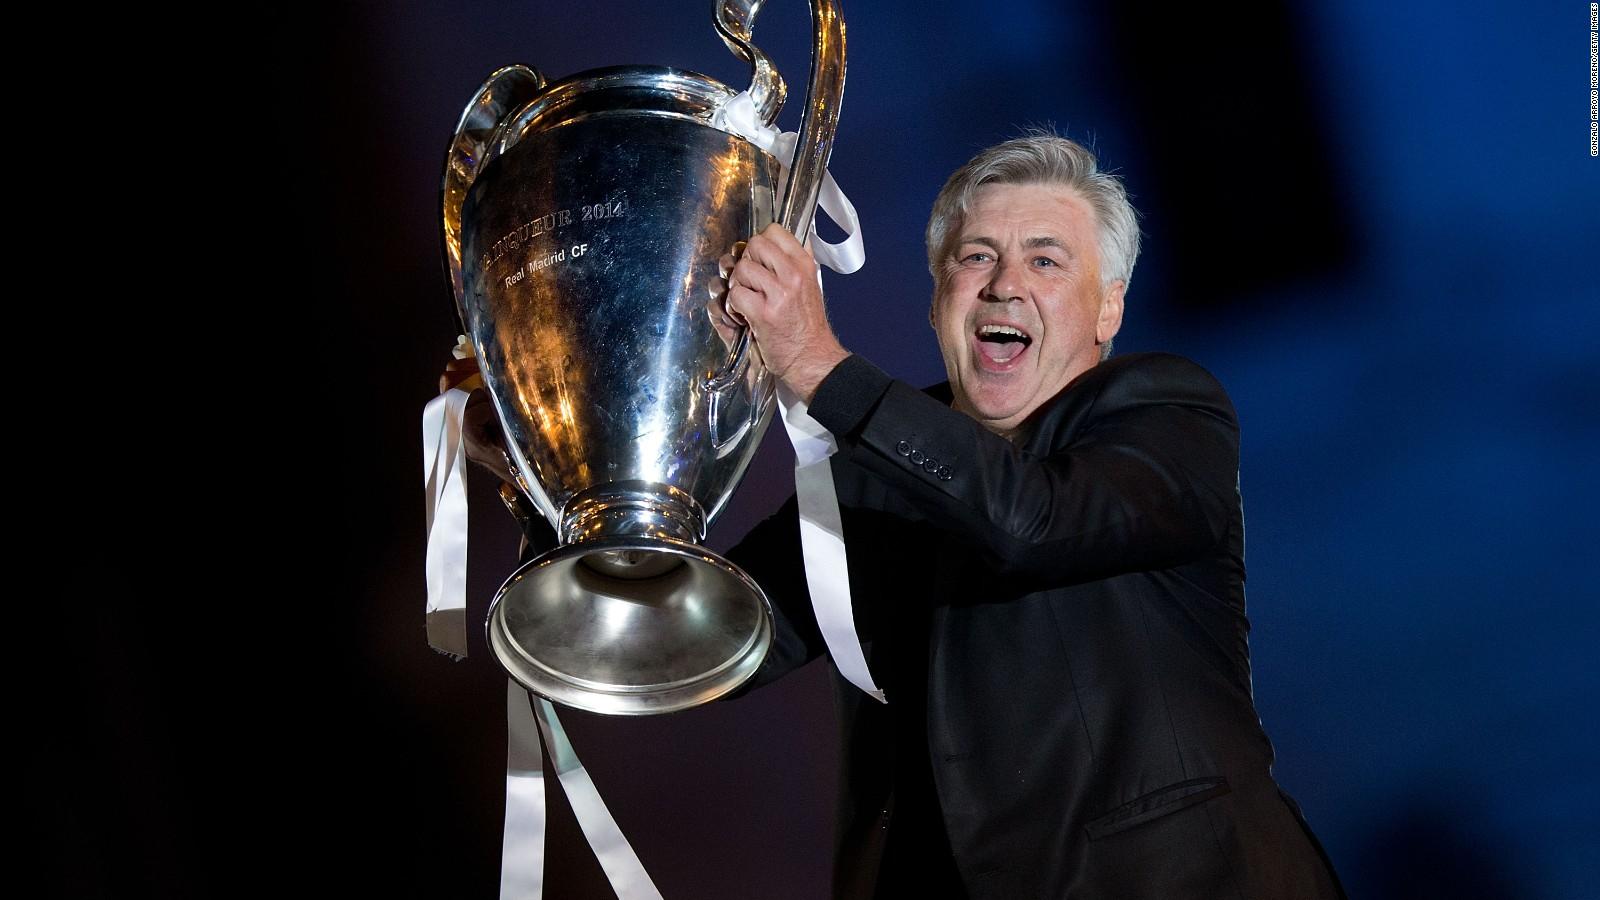 Carlo ancelotti en el real madrid